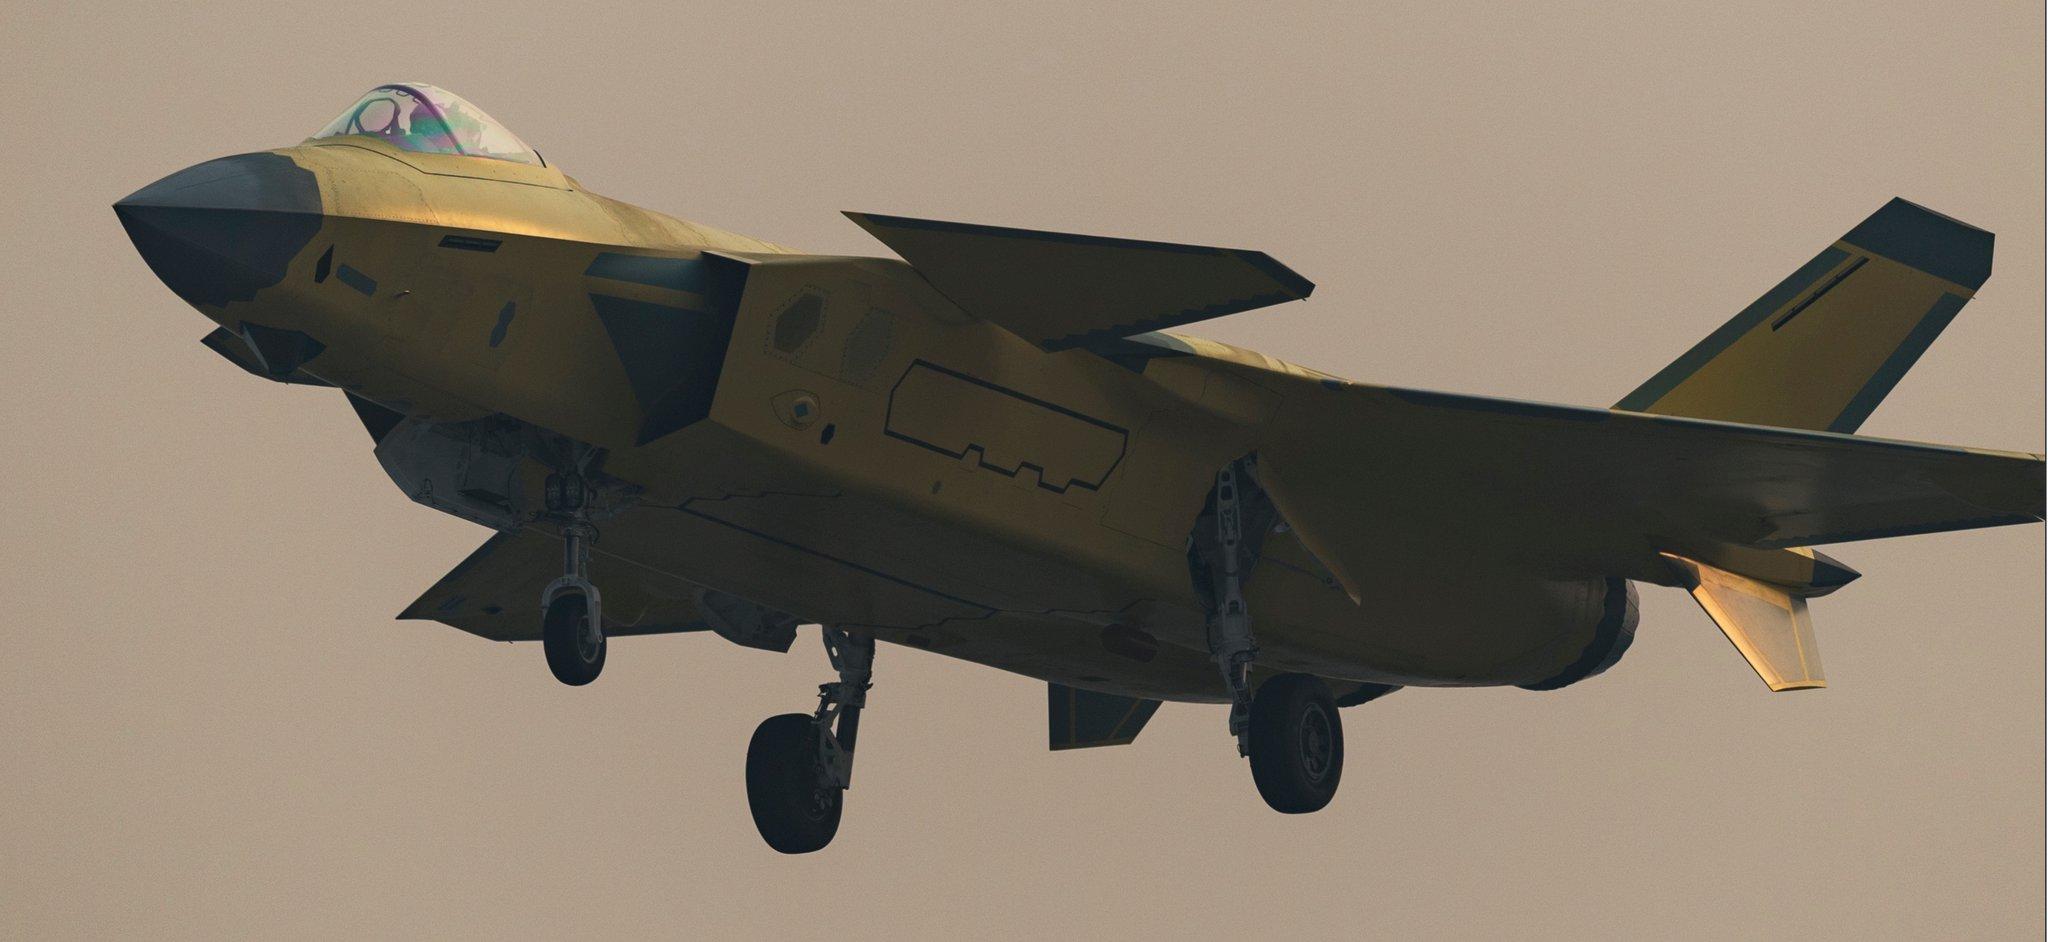 苏35御用发动机运抵中国 歼20要换心脏了?